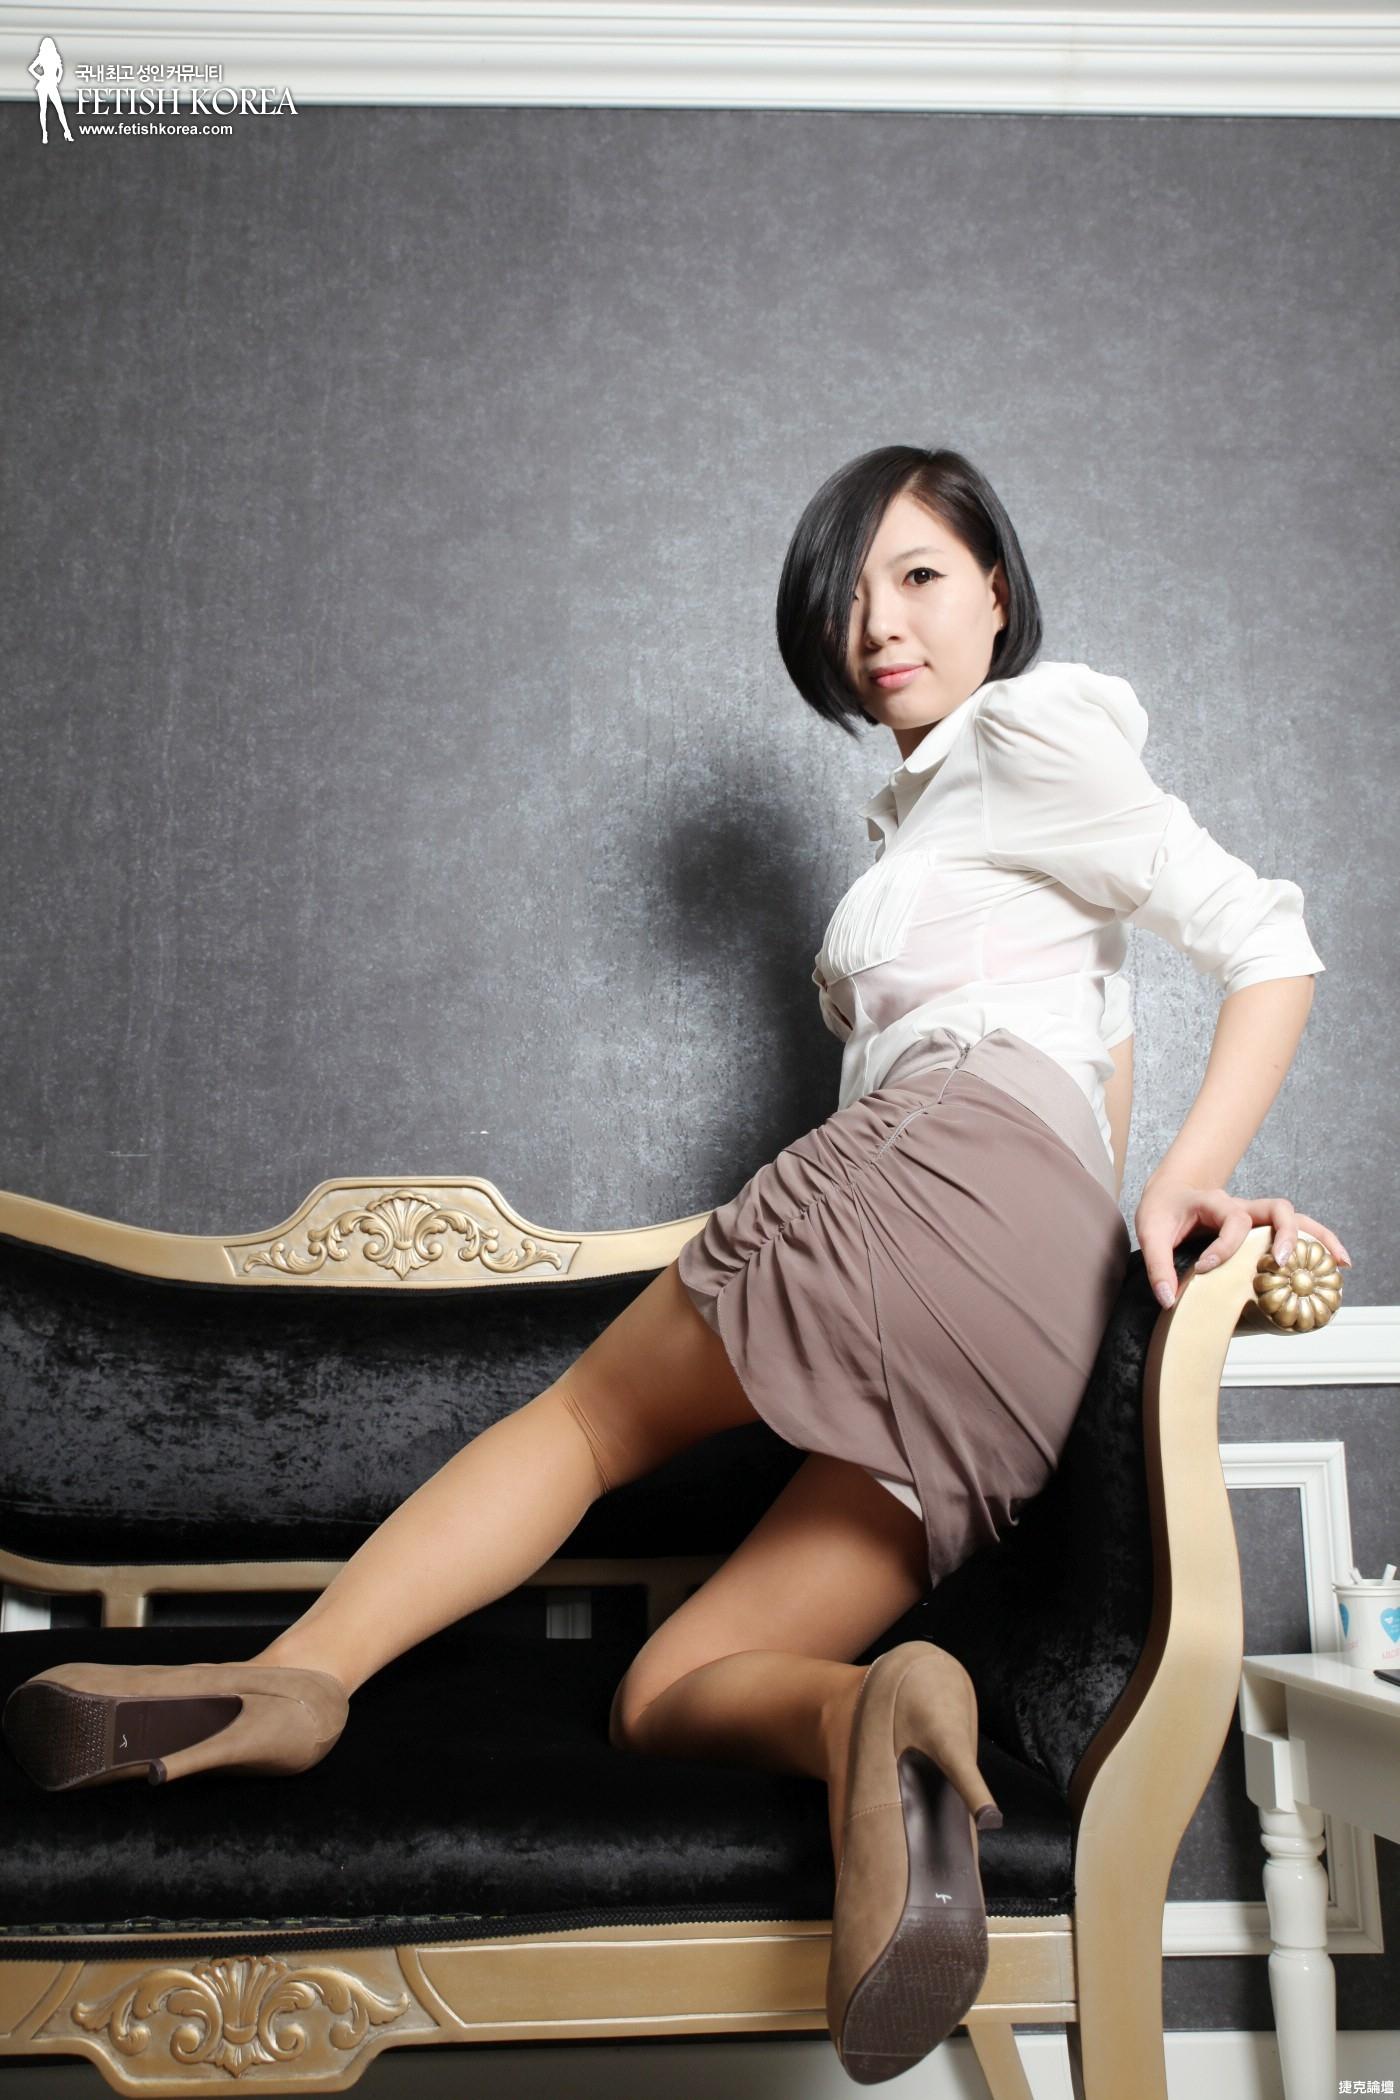 韓國的女秘書也超有料[38P] - 貼圖 - 絲襪美腿 -